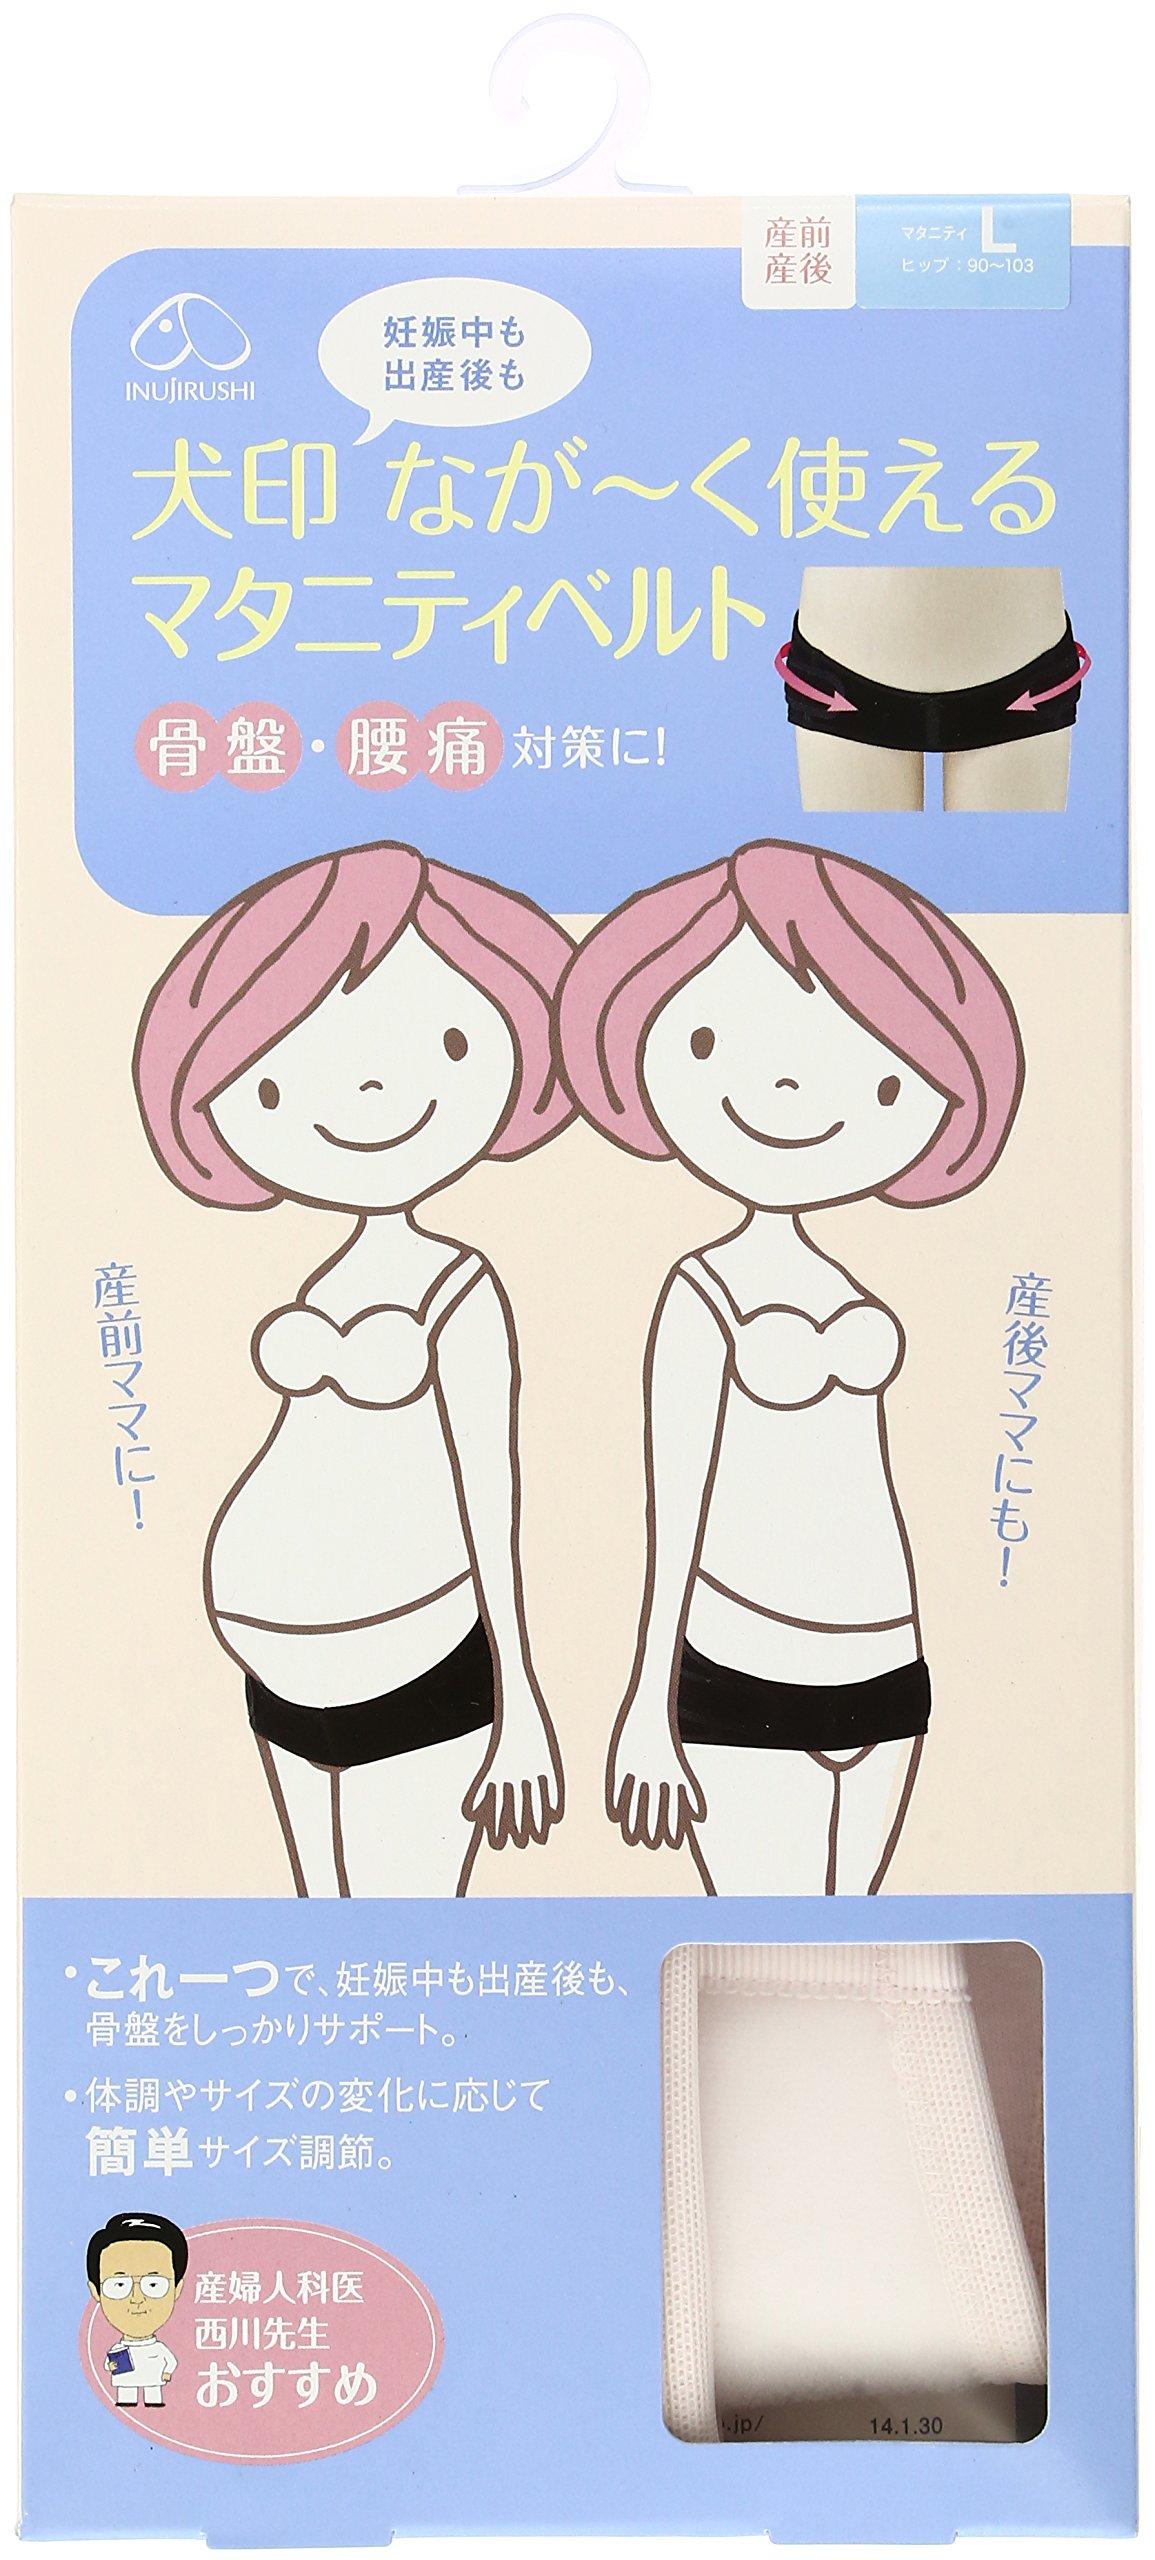 犬印本铺 孕妇骨盆带 使用期长 L 粉红色 尼龙 HB8149